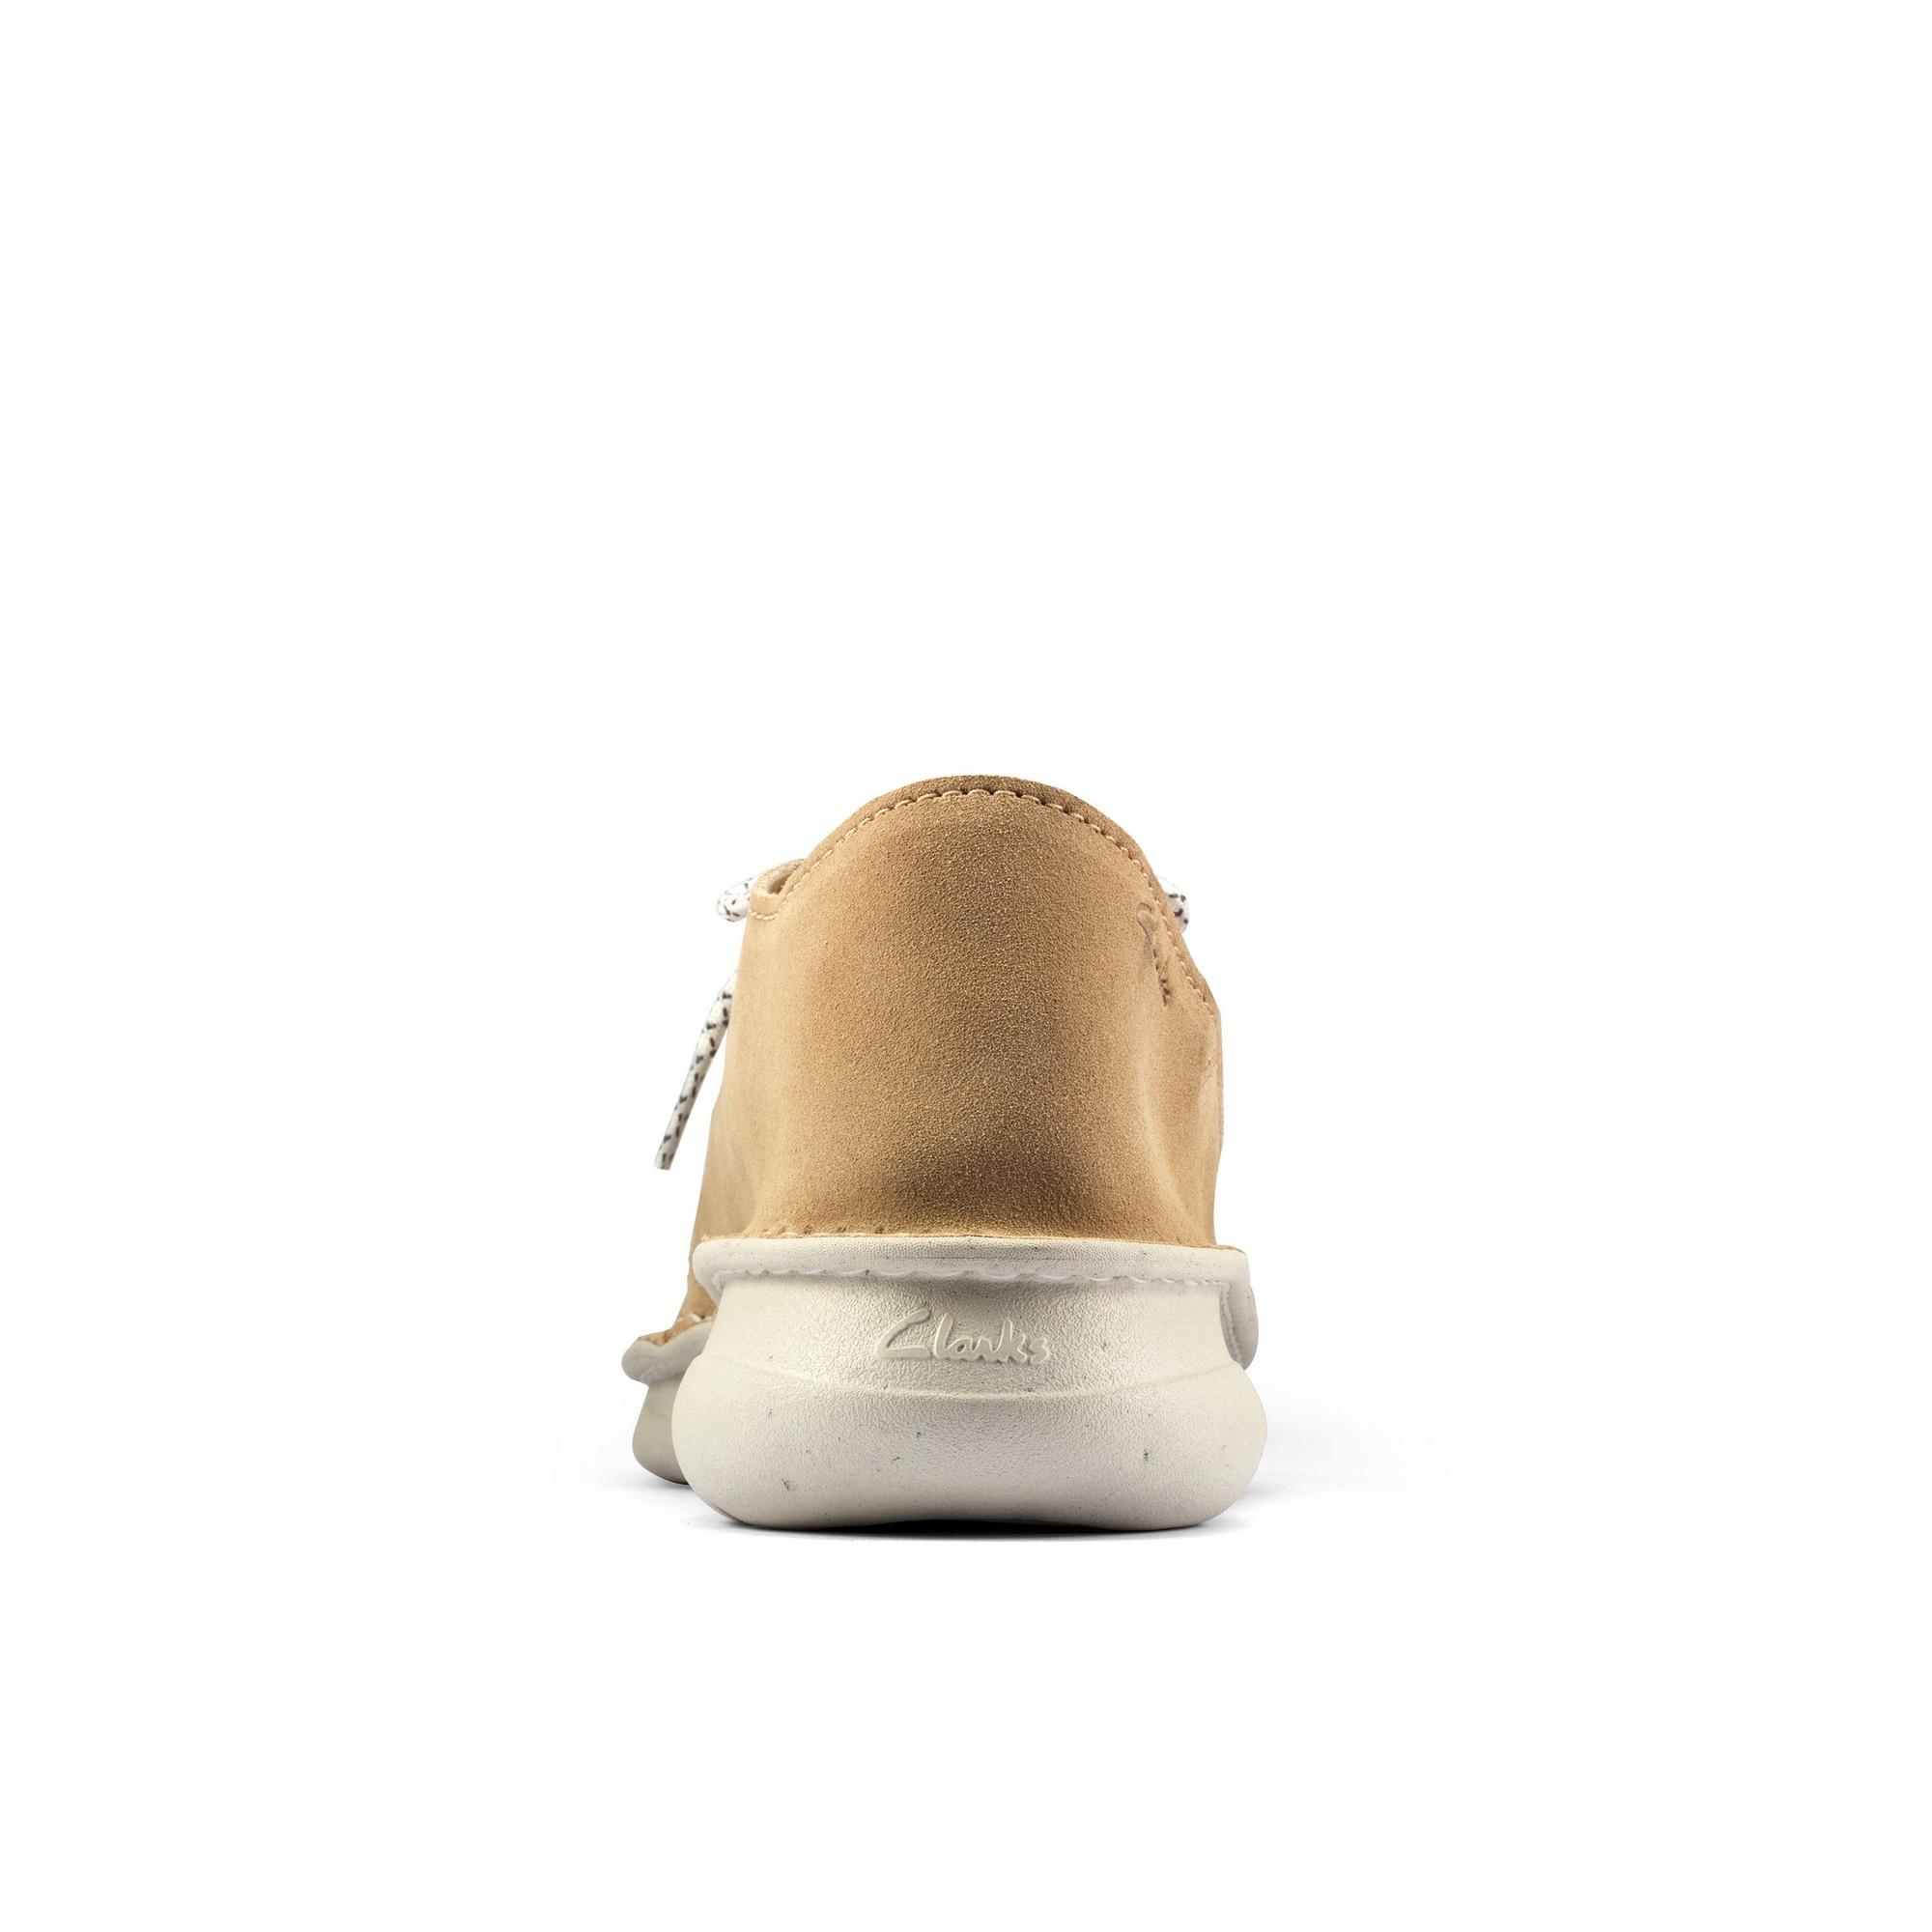 miniature 10 - Clarks - Chaussures décontractées ORIGIN - Homme (CK114)